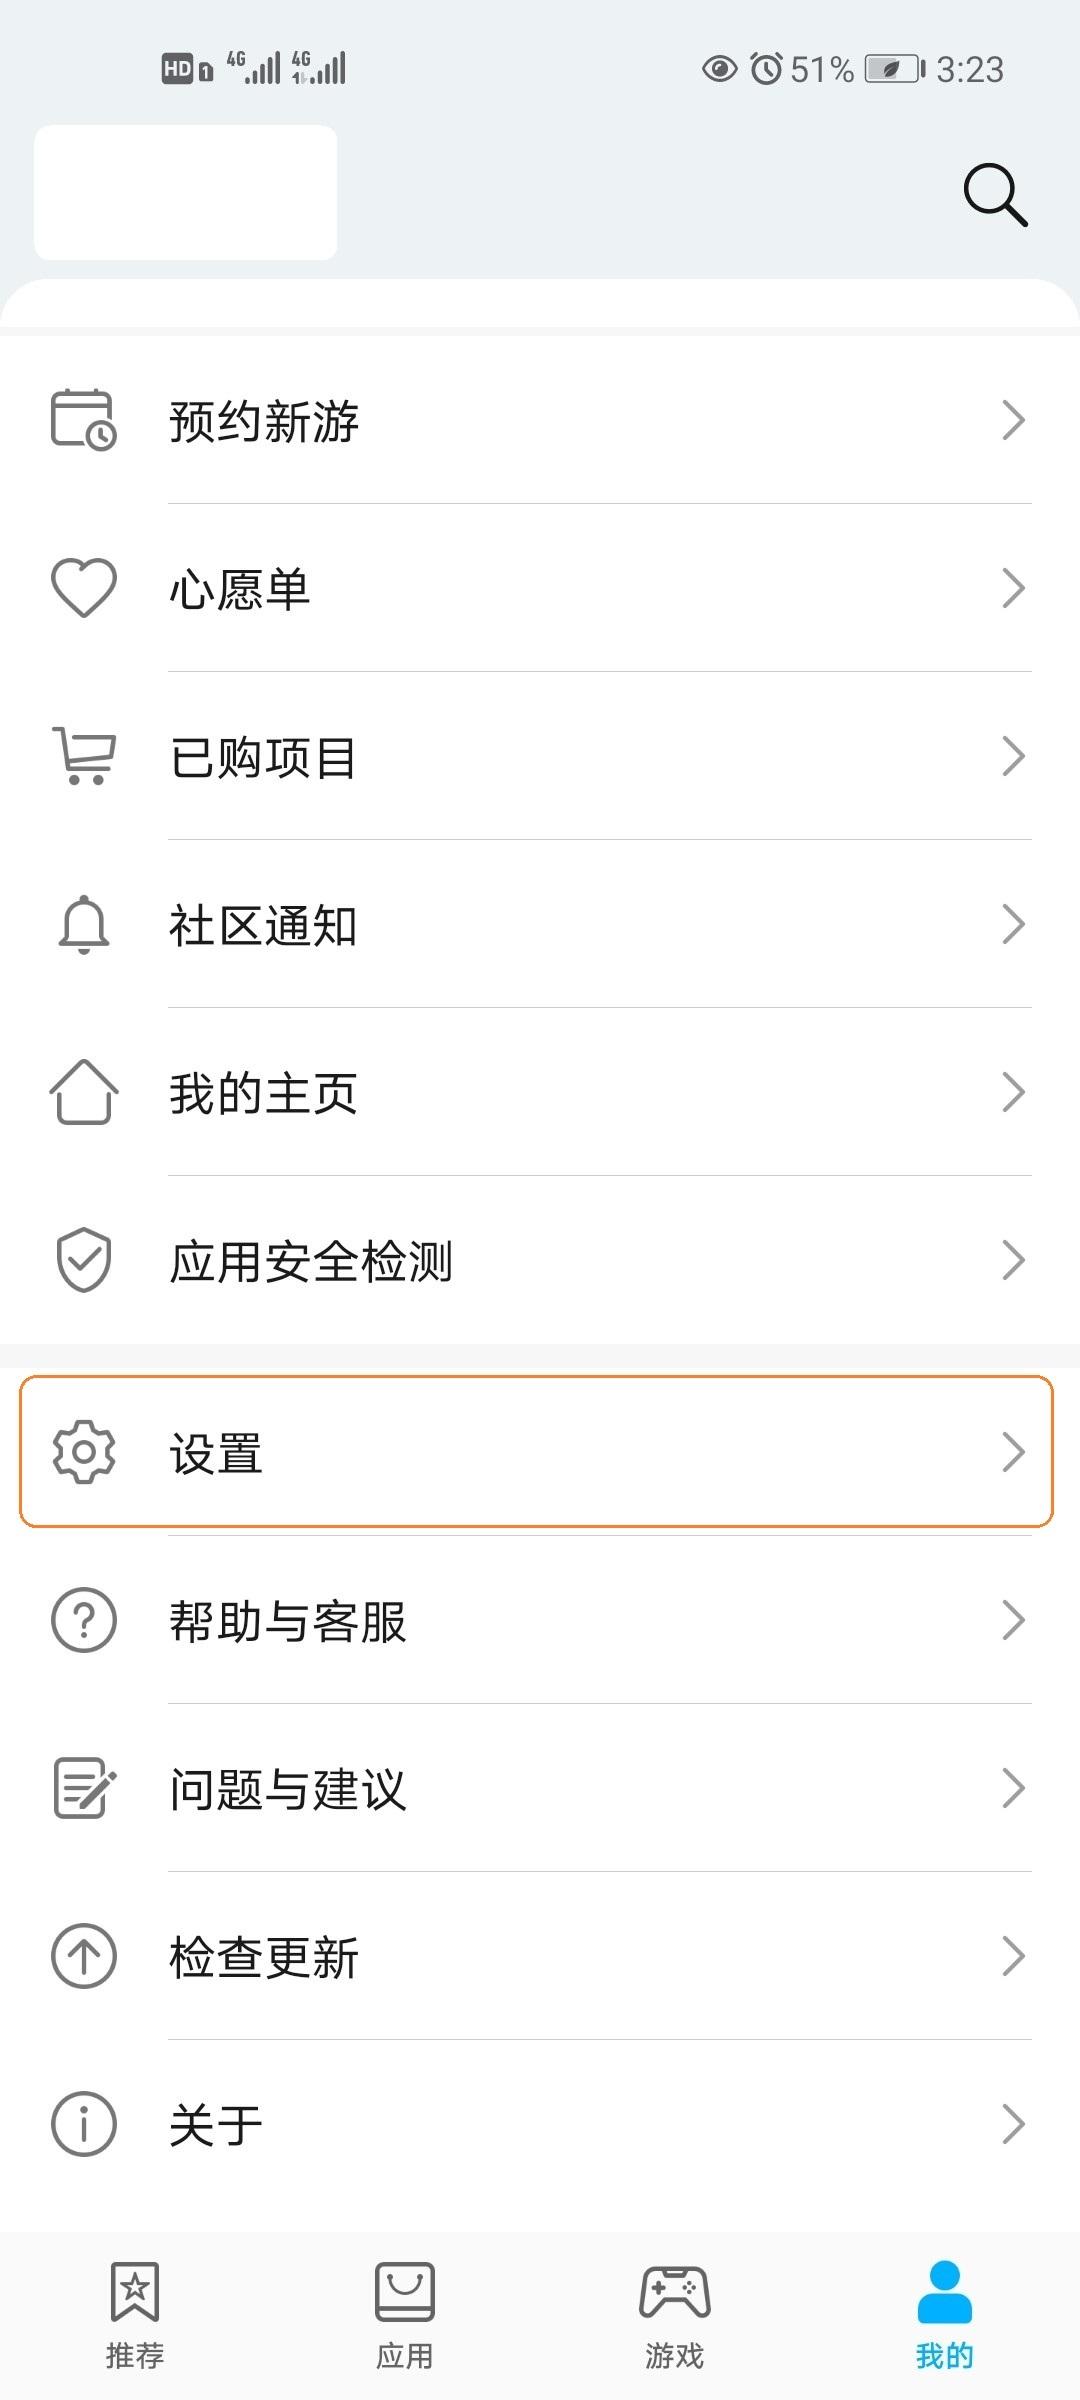 华为手机怎样屏蔽广告推送4.jpg